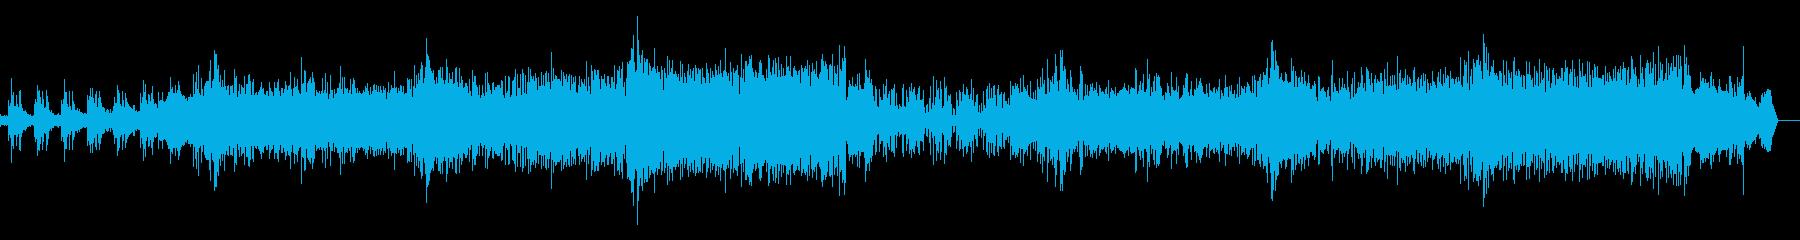 シネマティックで壮大、メカニカルなBGMの再生済みの波形